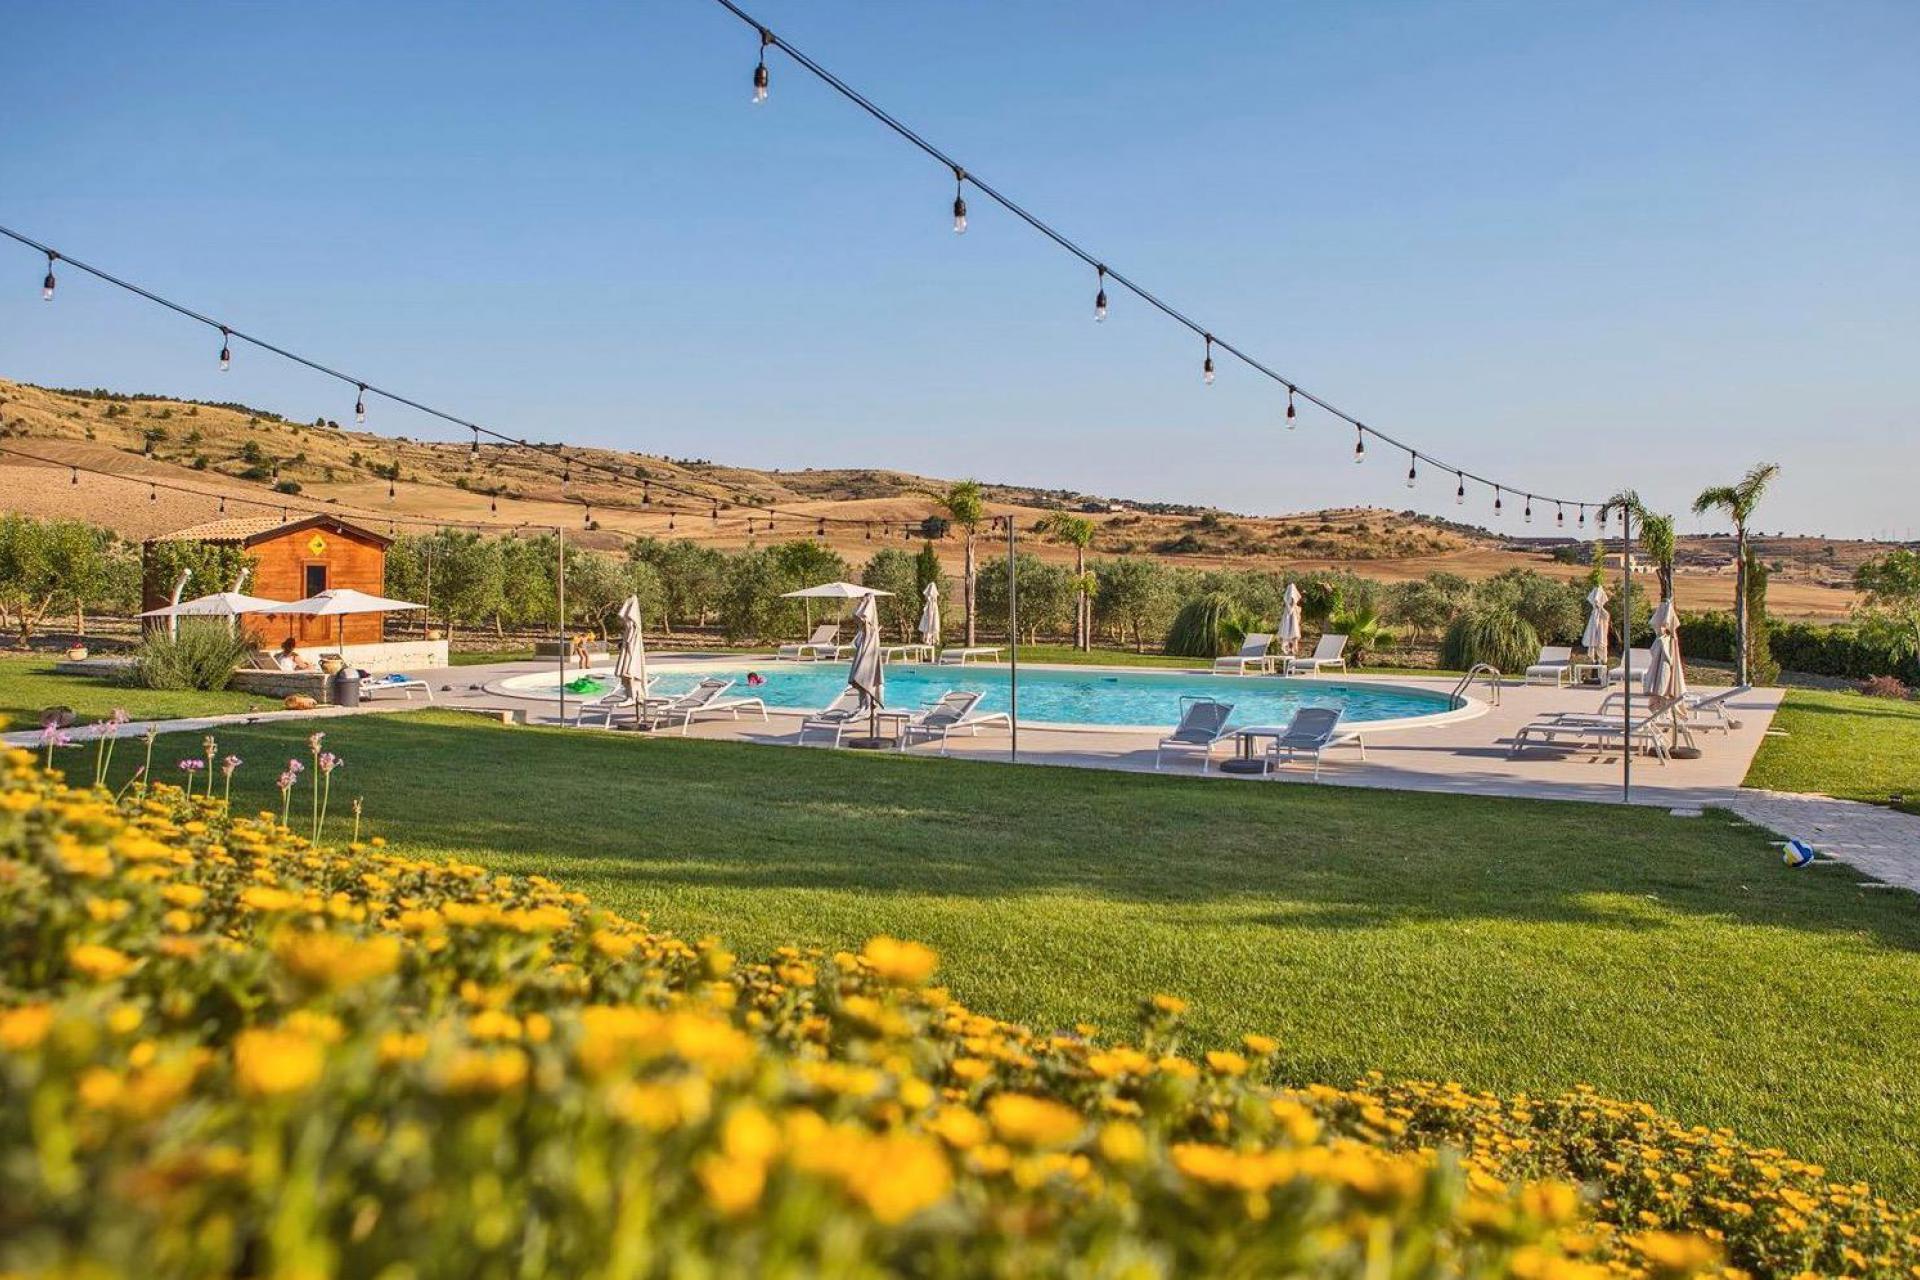 Agriturismo Sicilia Agriturismo adatto alle famiglie con bellissima piscina